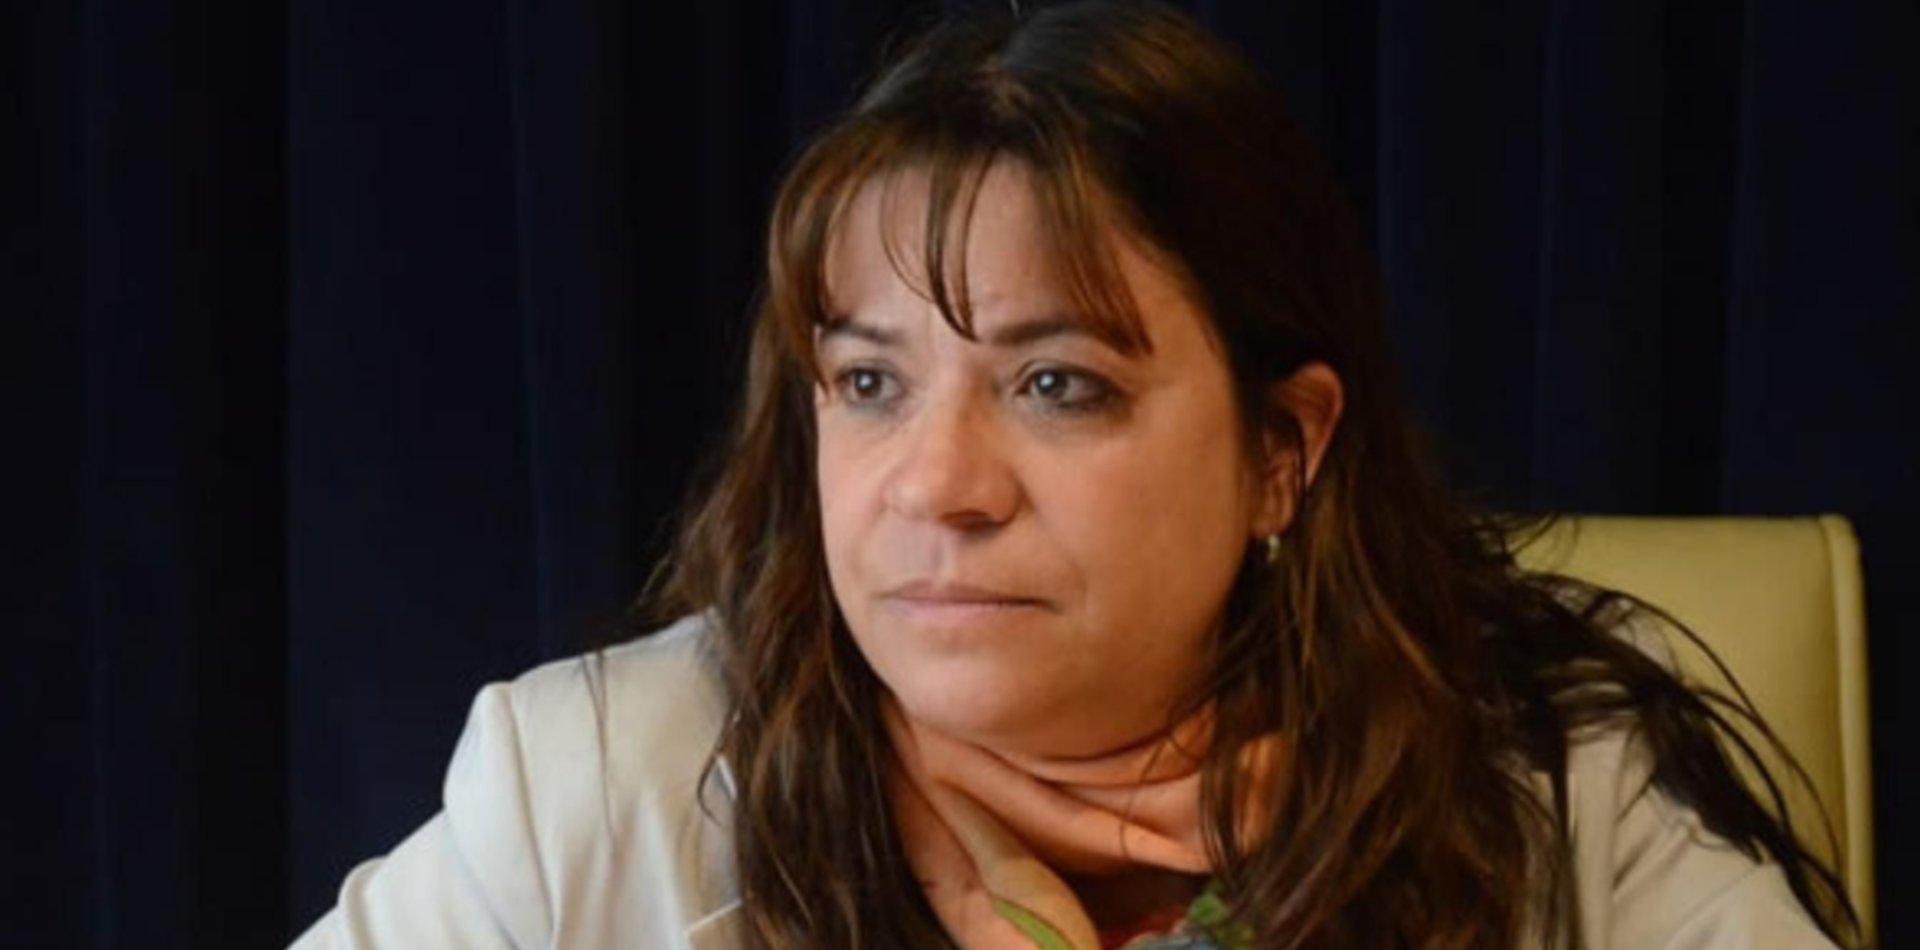 Renunció a su cargo público la mamá del principal acusado por el crimen en Villa Gesell